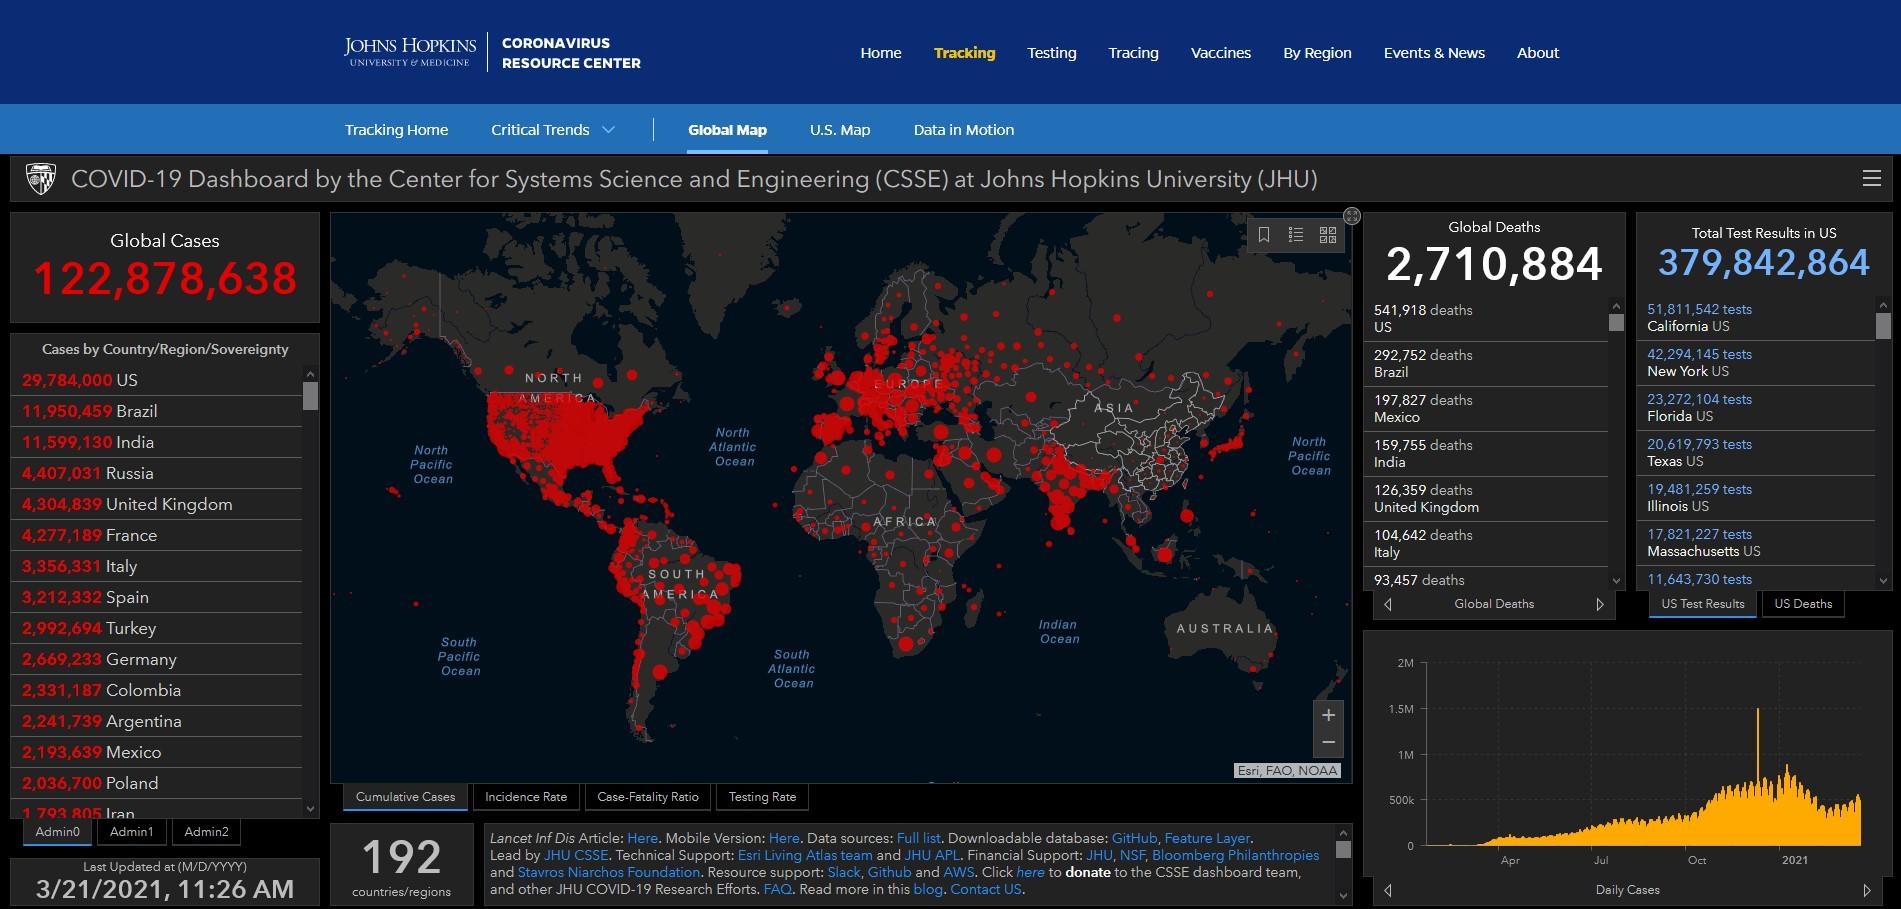 Κορύφωση της επιδημίας ανά την υφήλιο- τι αναφέρει η διεθνής βιβλιογραφία